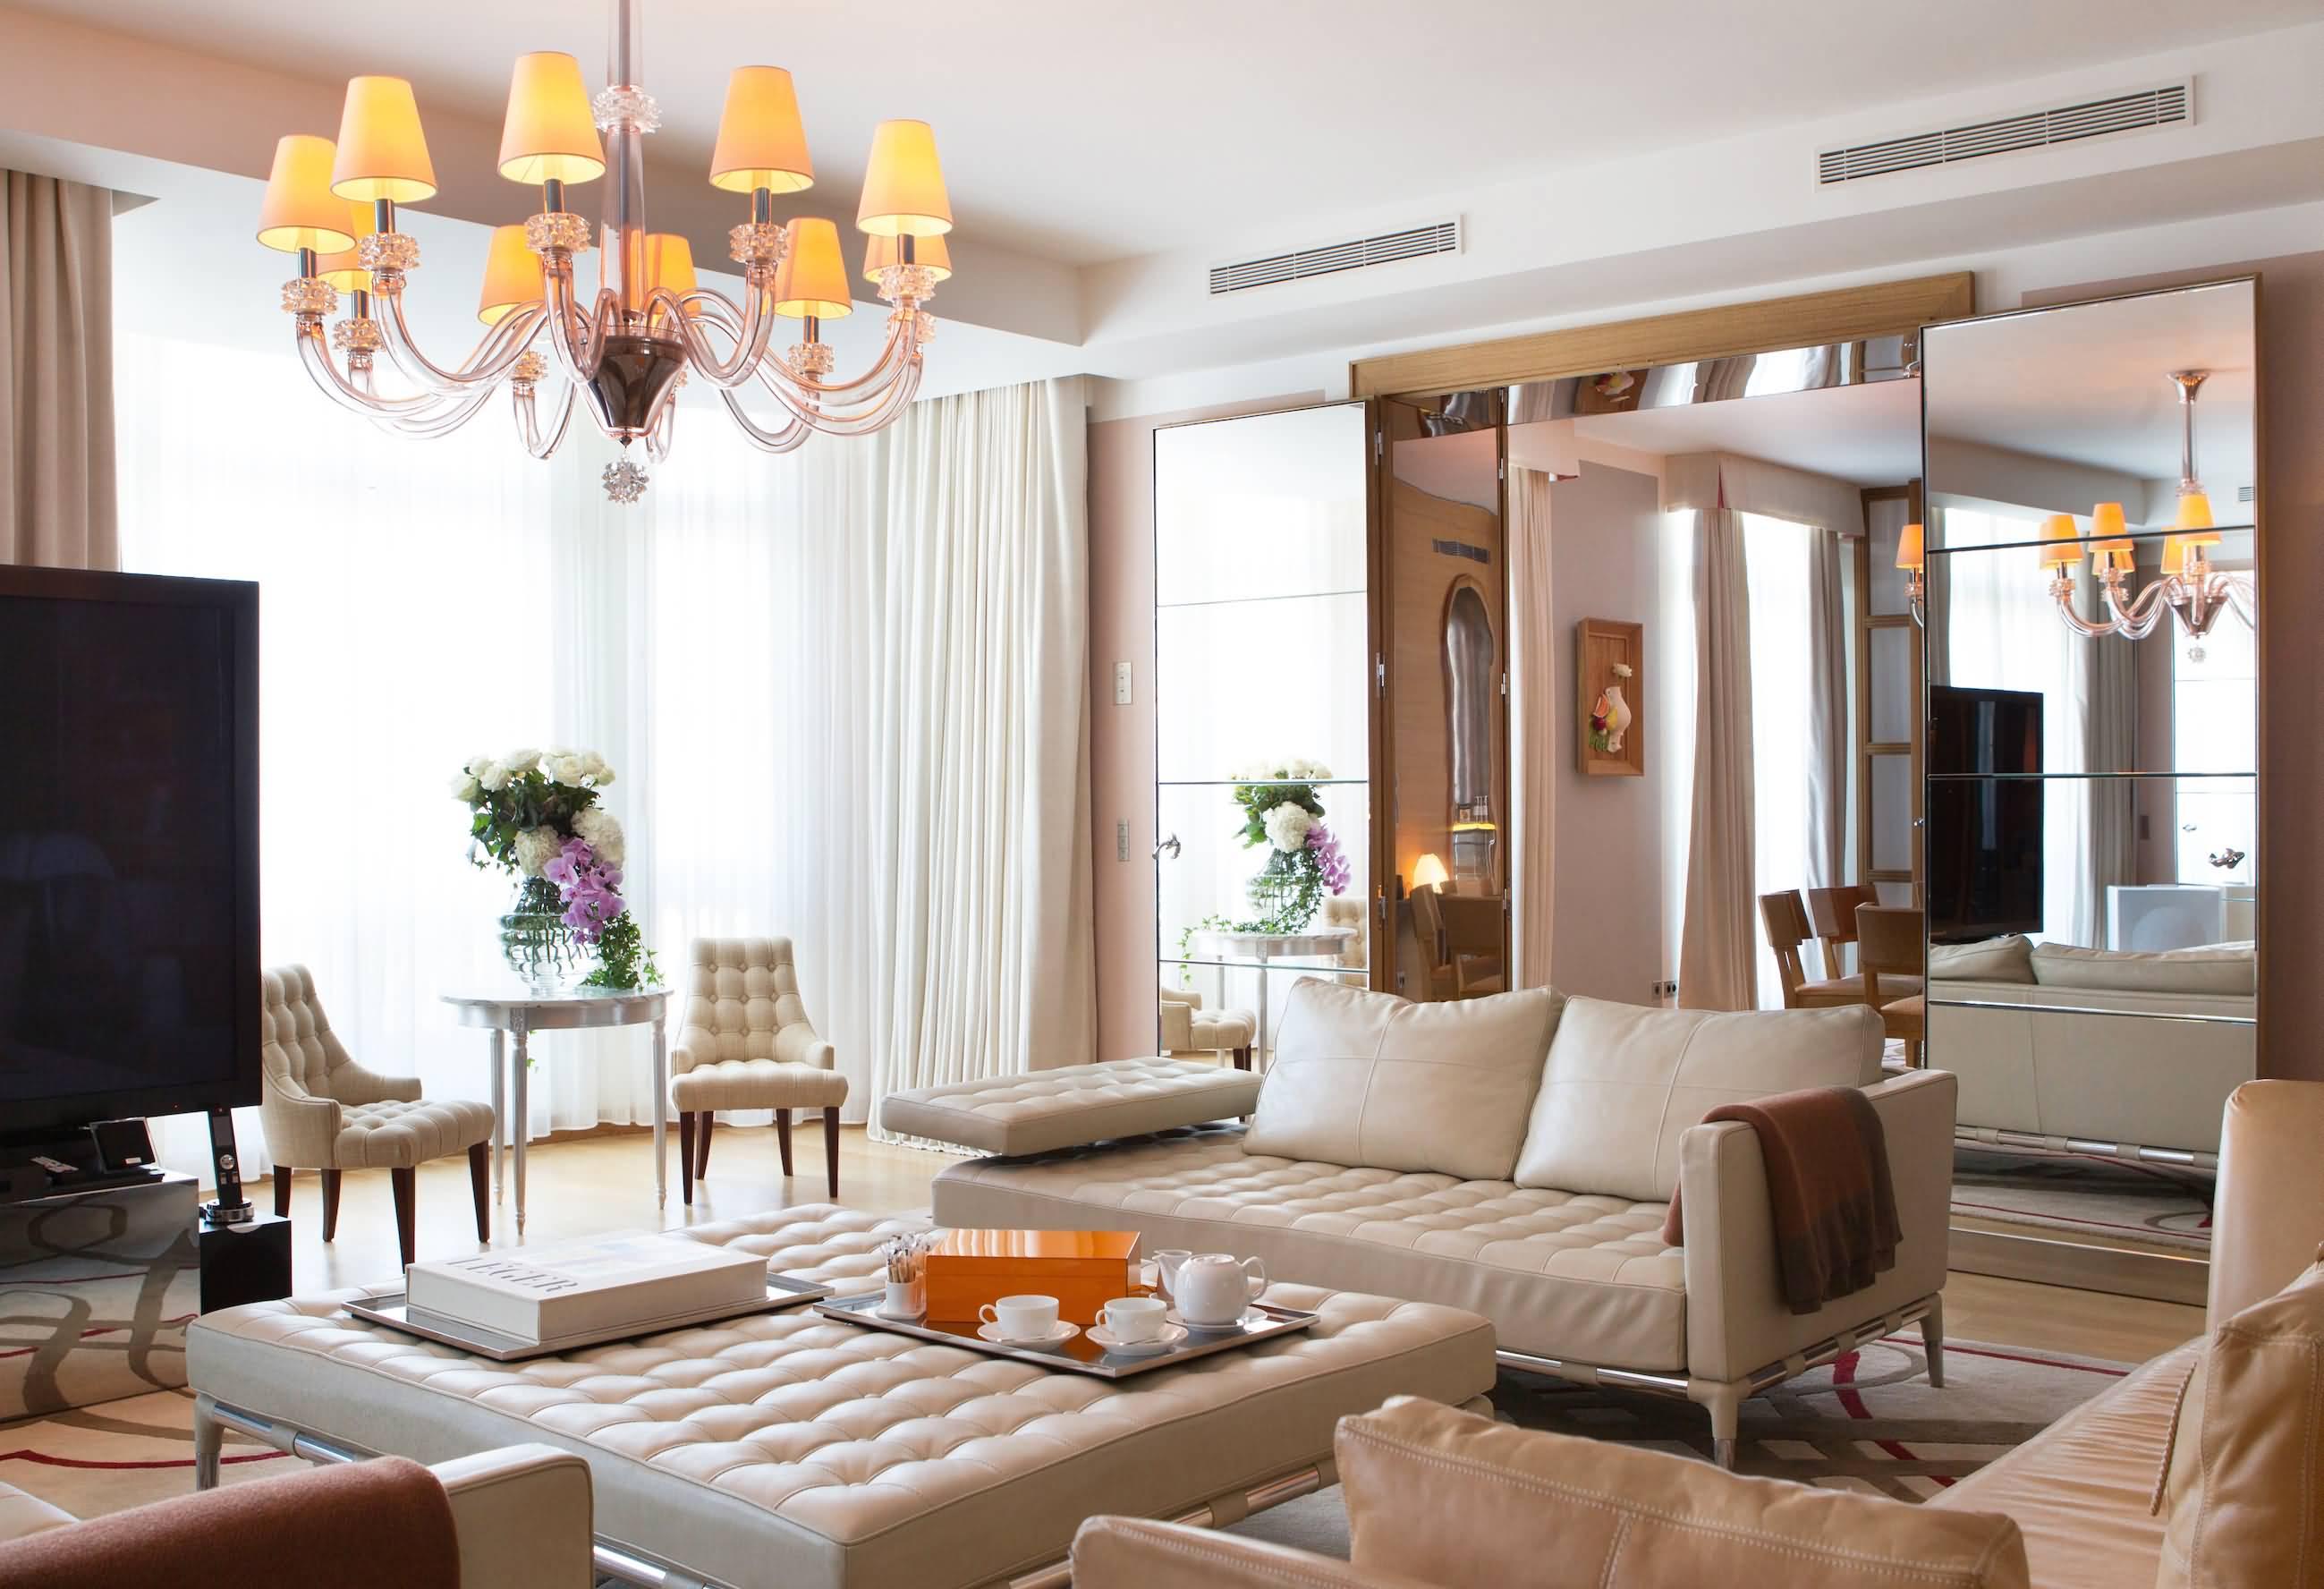 صورة تعرف على باقات فندق لو رويال مونسو رافلز باريس الرمضانية